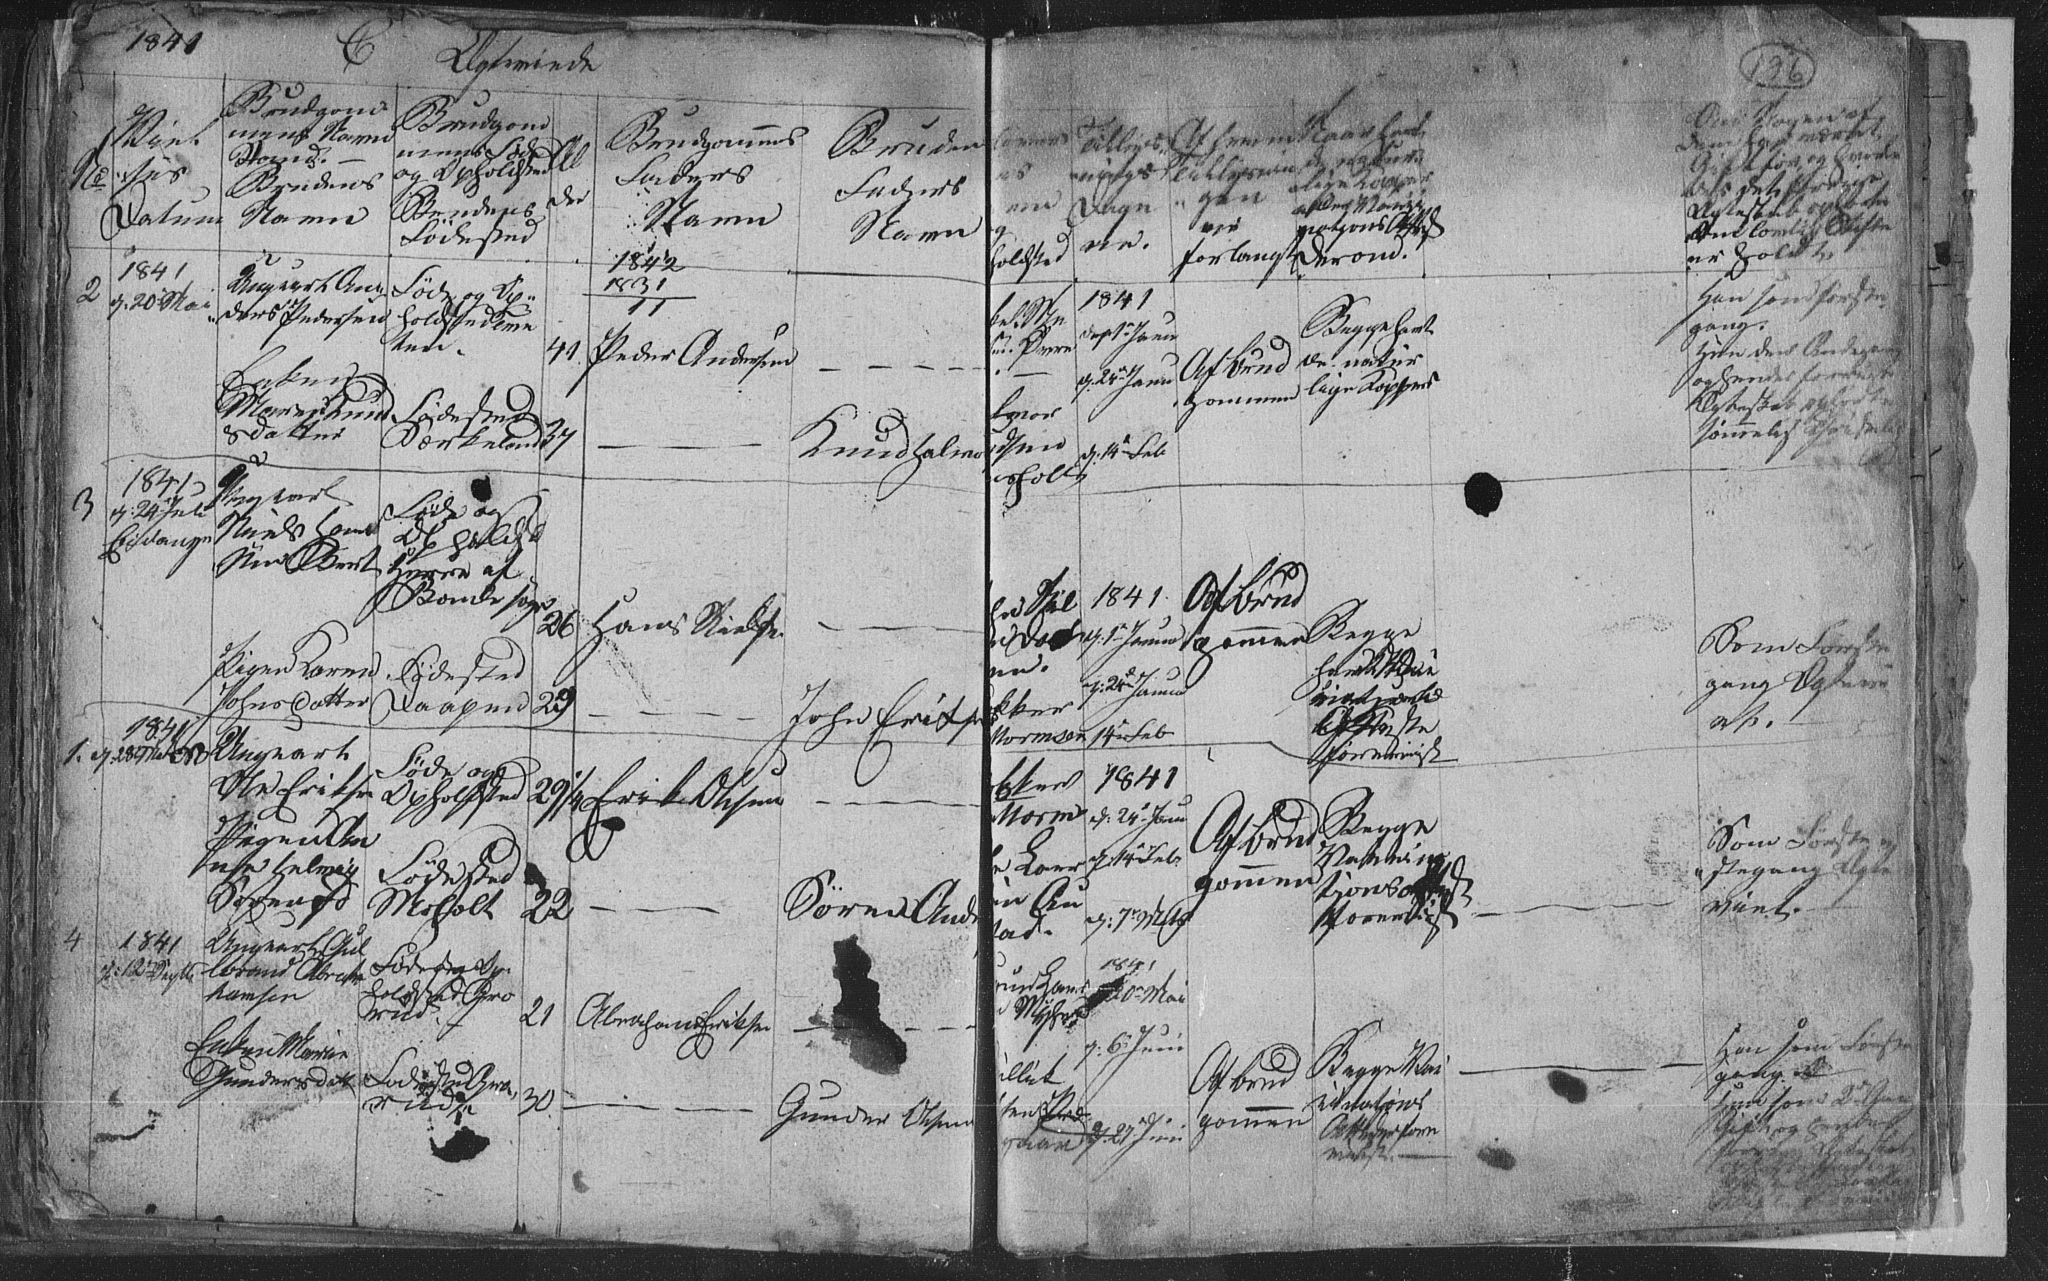 SAKO, Siljan kirkebøker, G/Ga/L0001: Klokkerbok nr. 1, 1827-1847, s. 196